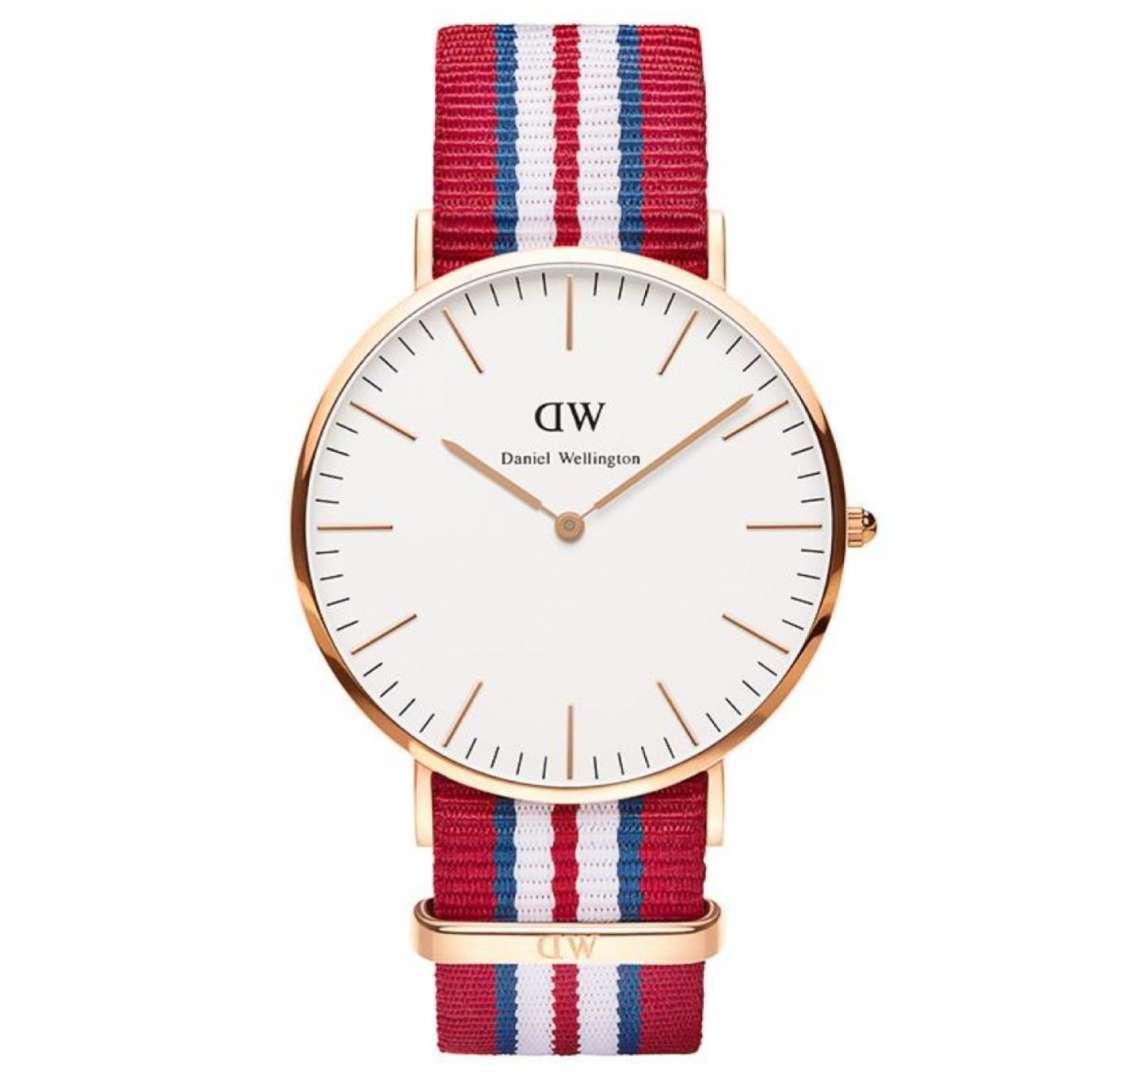 שעון יד אנלוגי daniel wellington 0112DW דניאל וולינגטון